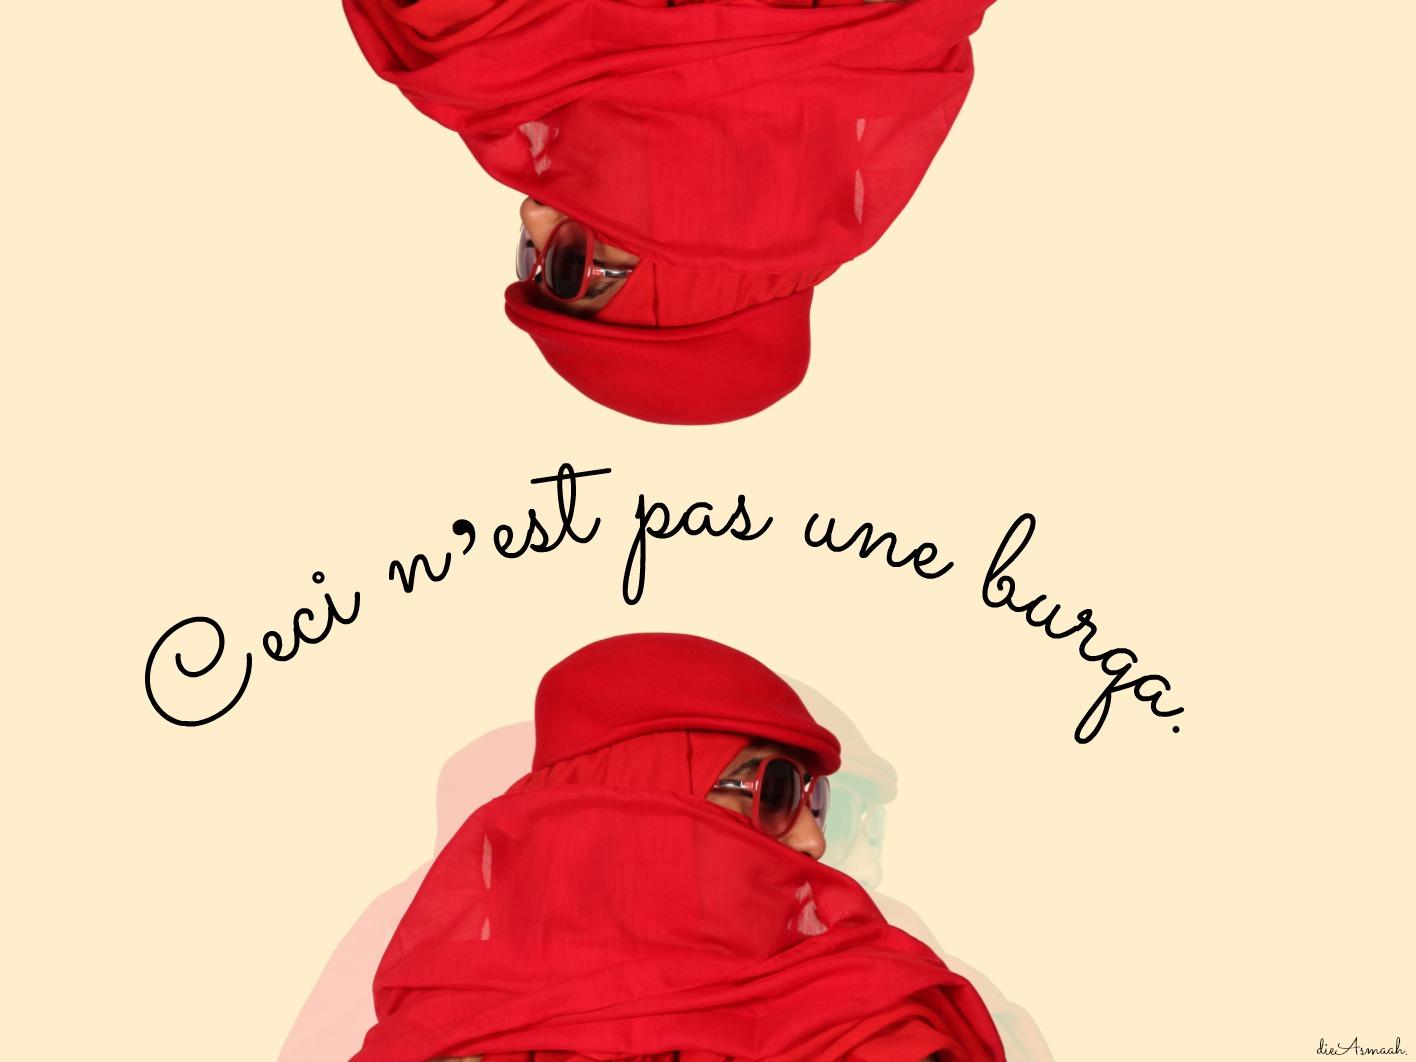 Burqa3.jpg